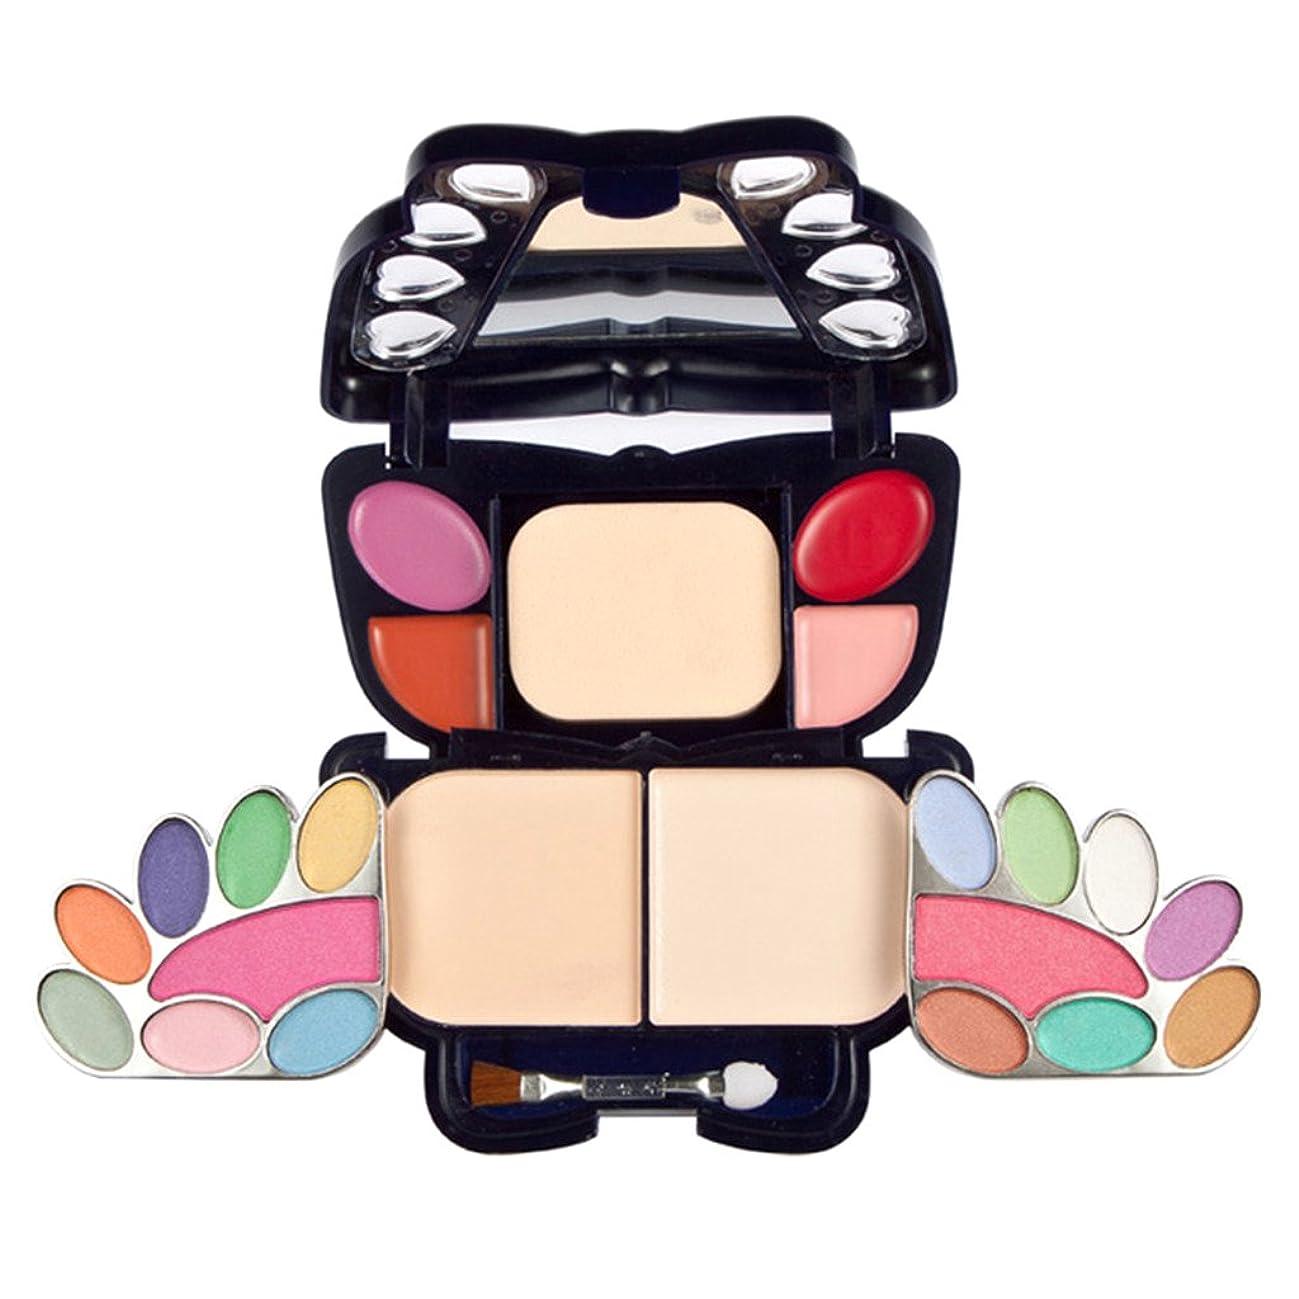 安息マニュアルアライメントKesoto メイクパレット アイシャドウ 毛穴隠す バタフライ 化粧パレット カラーメイクアップパレット